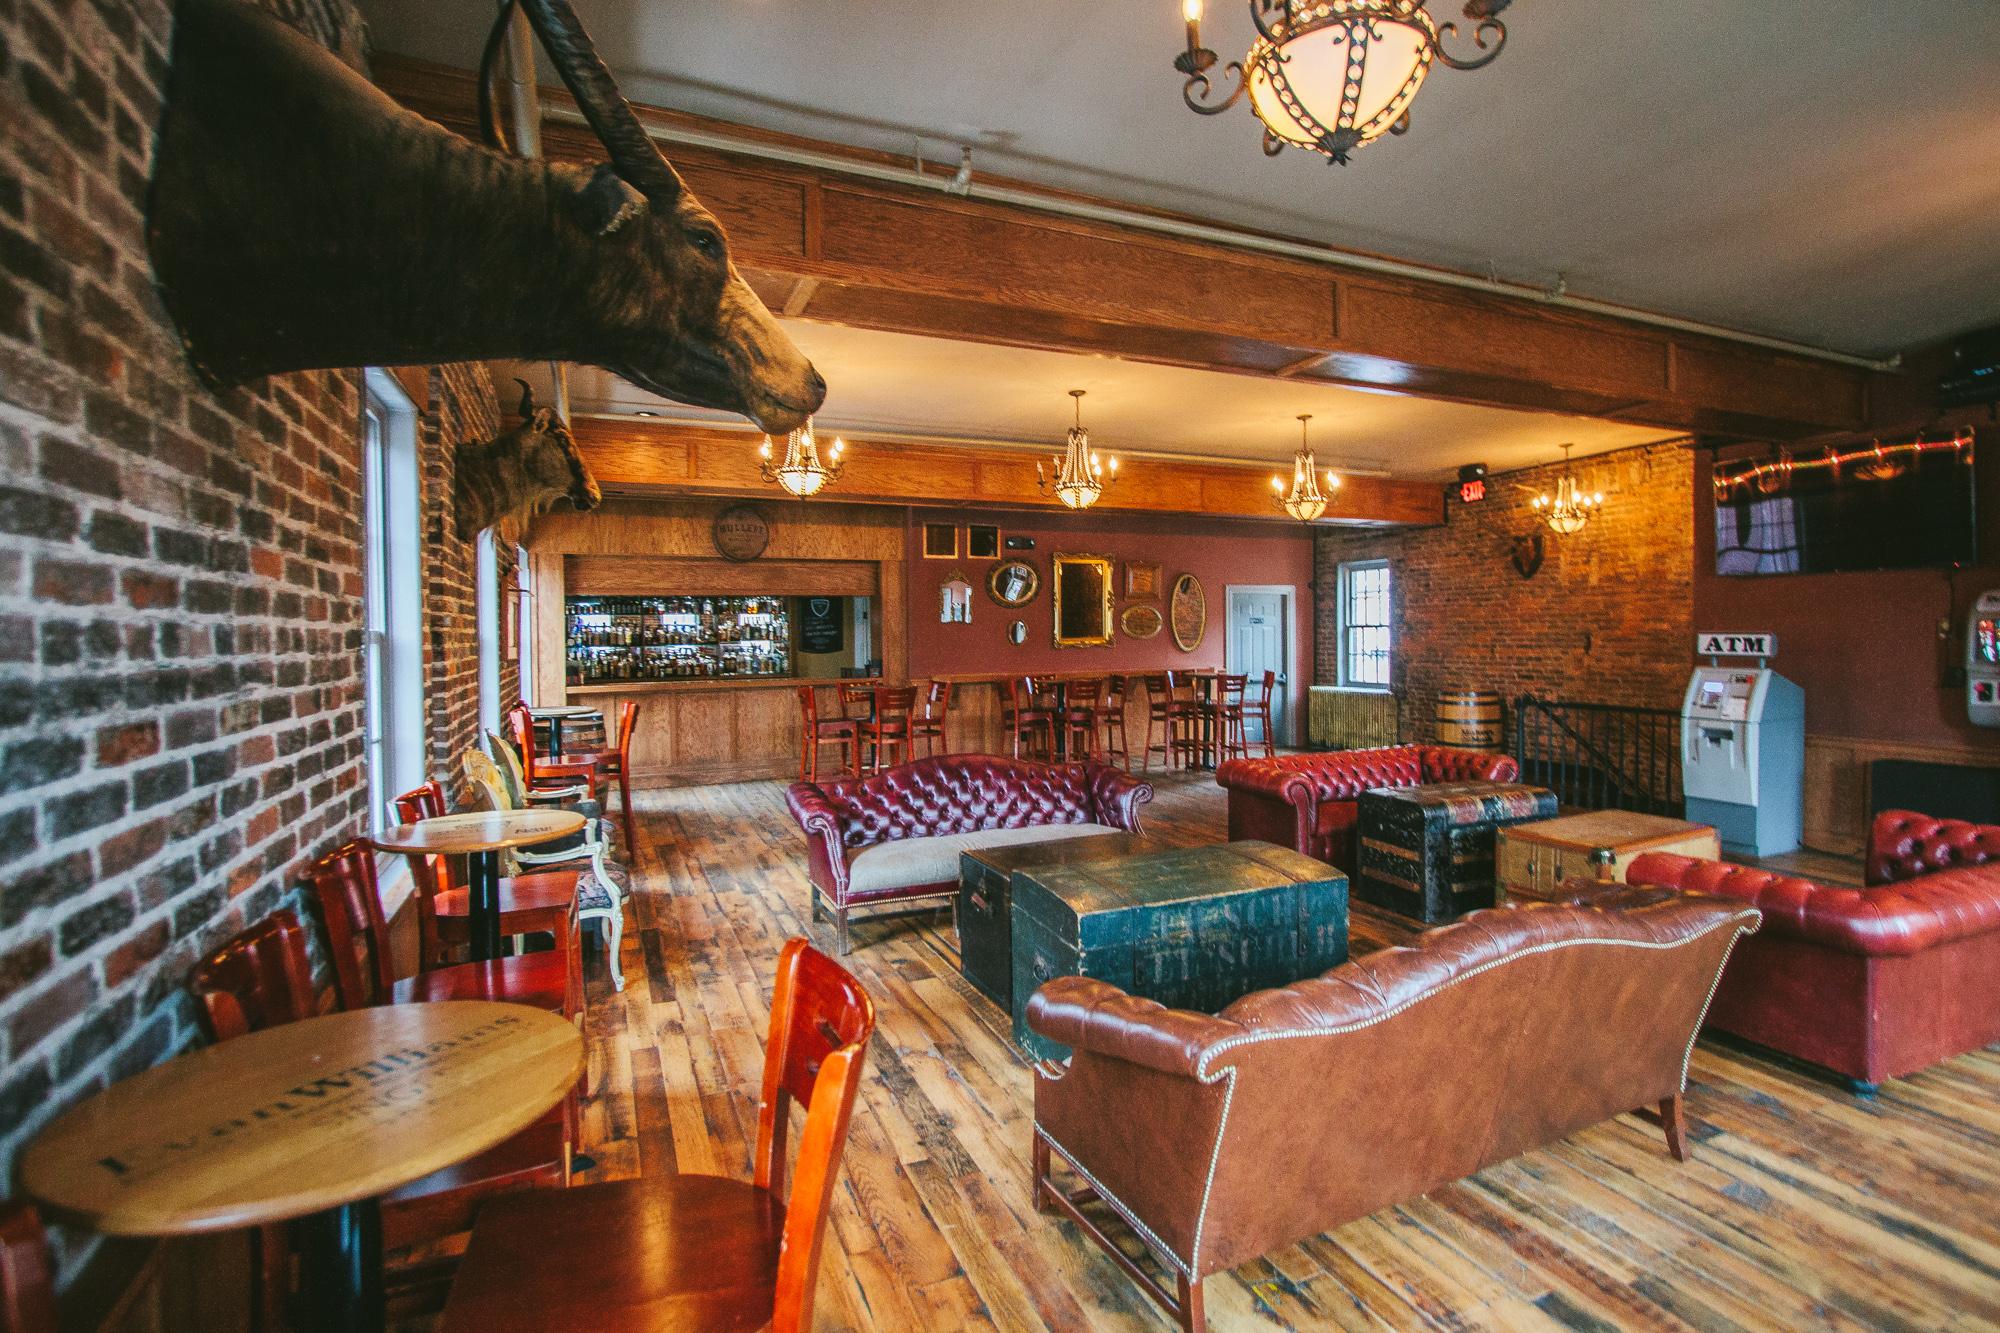 Burnworth Design | Belle's Cocktail House